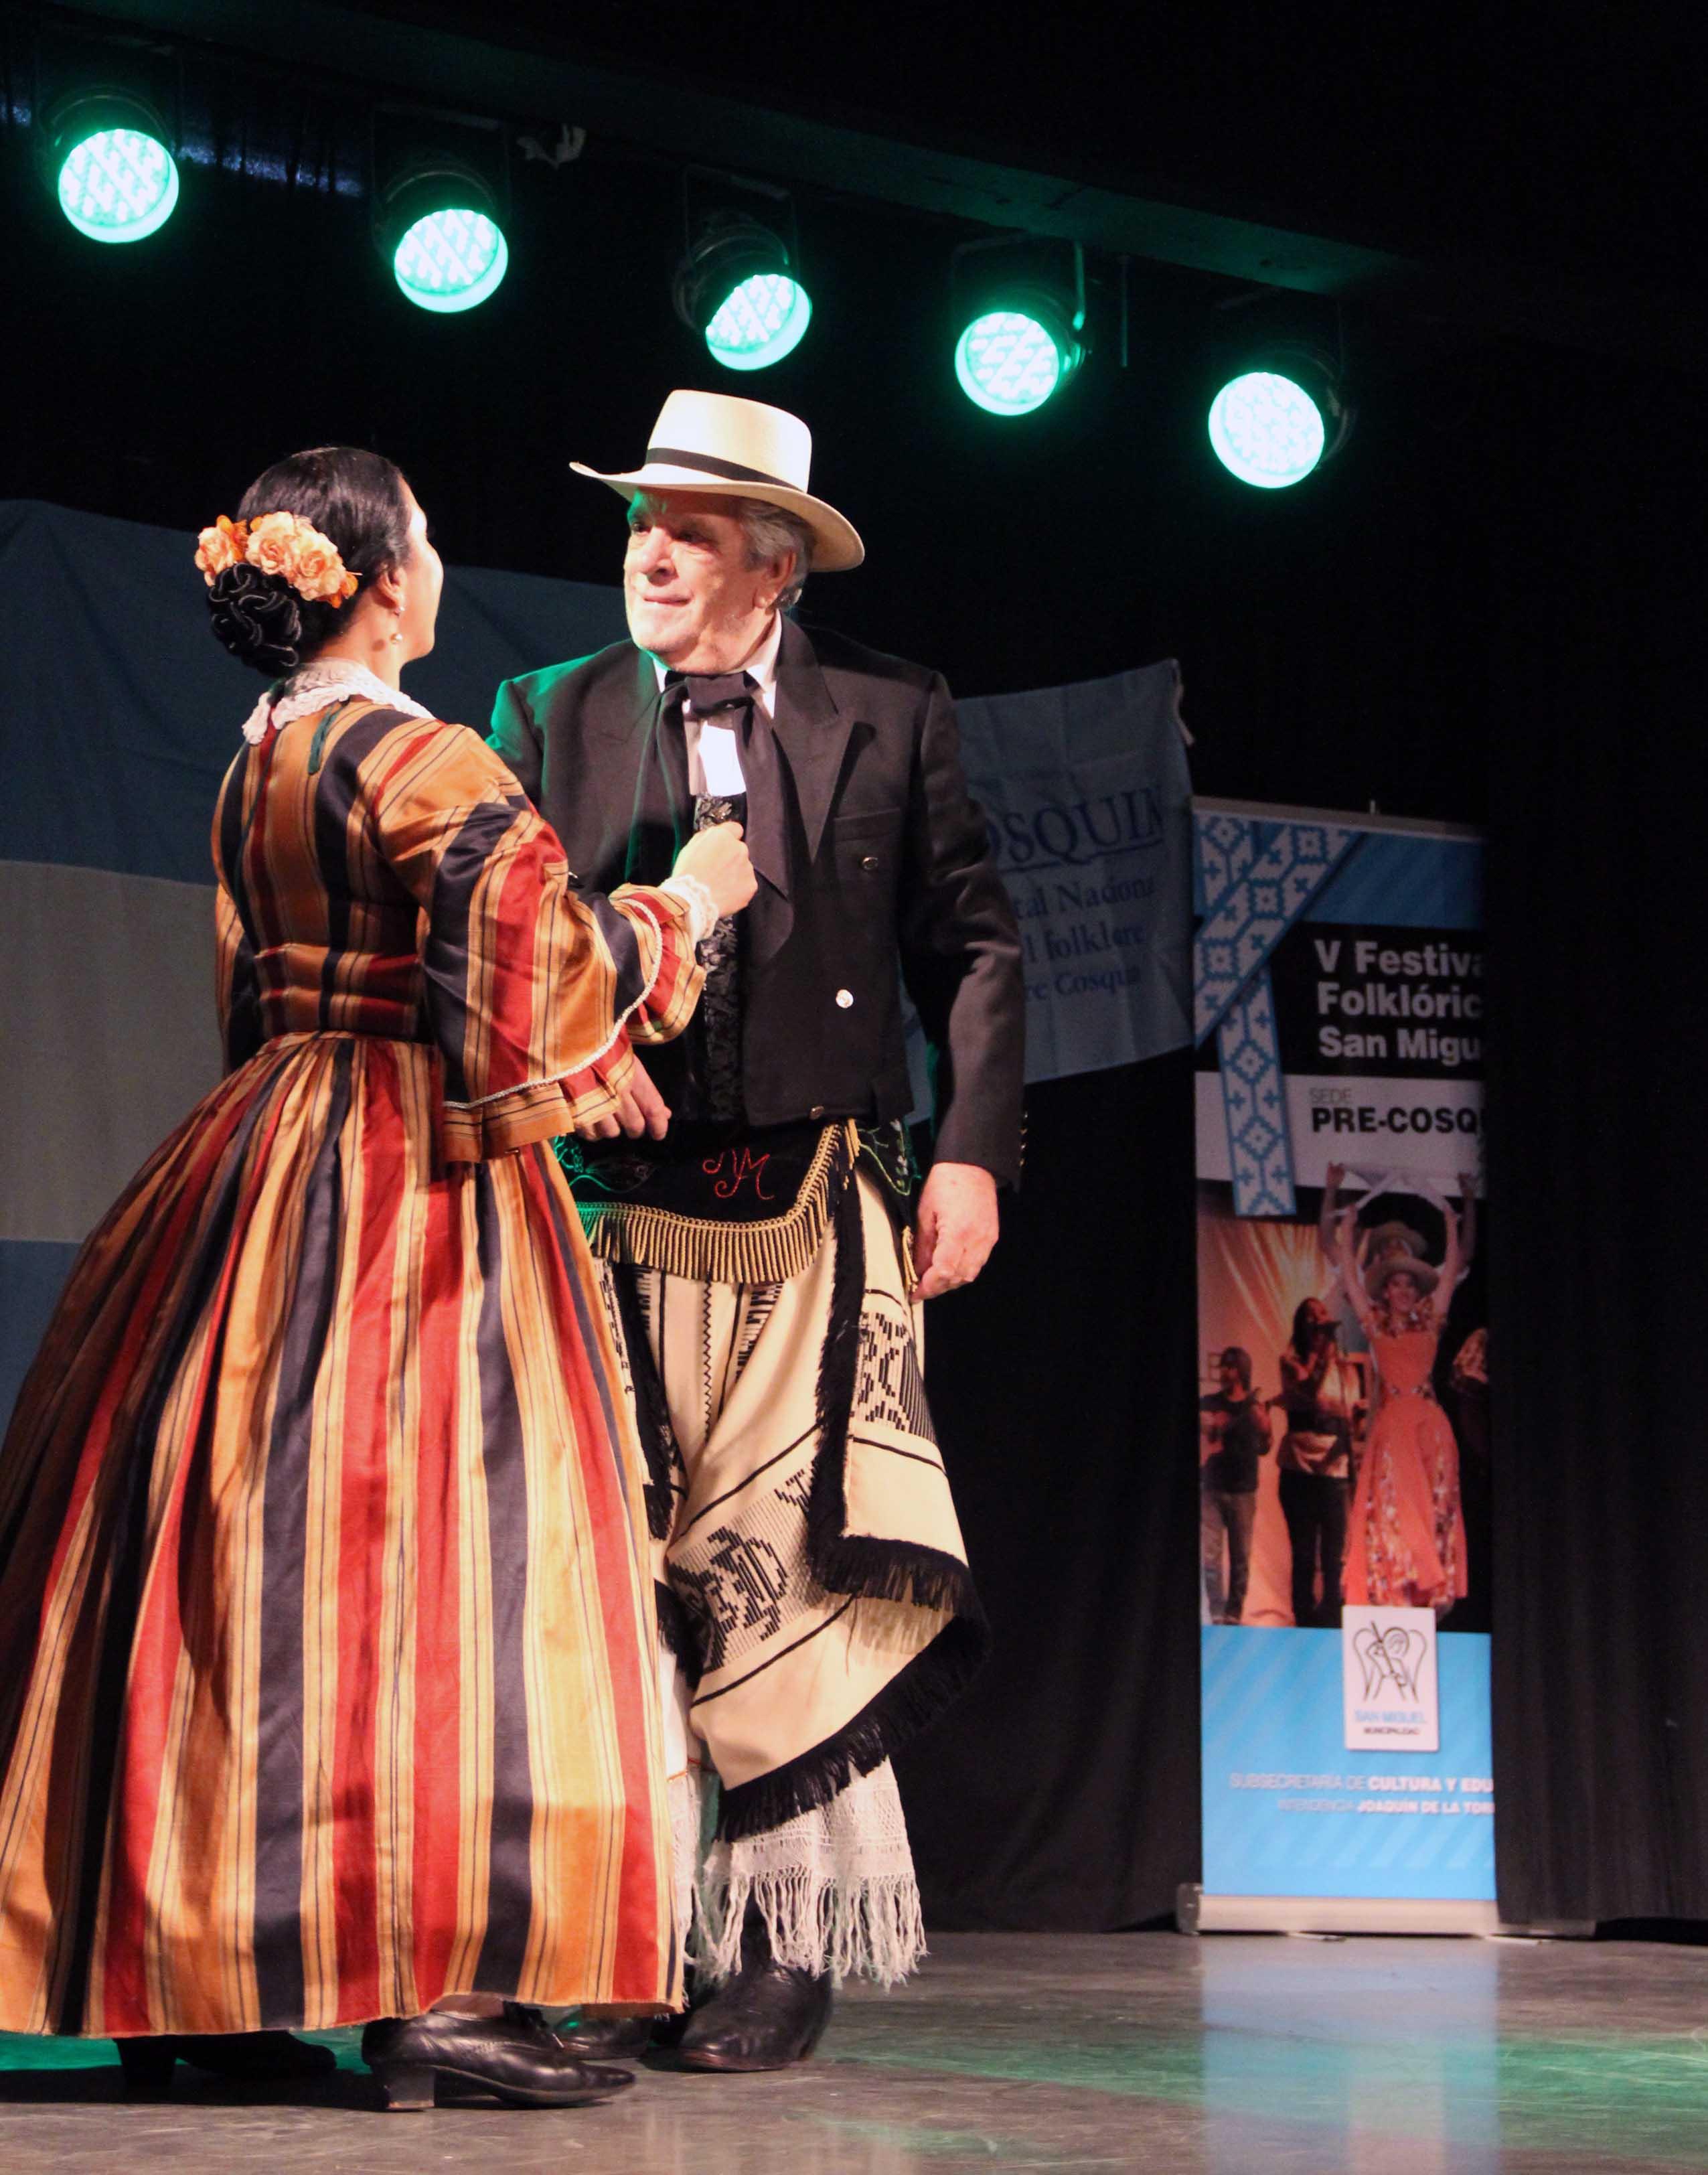 Se realizaron en San Miguel las rondas eliminatorias para el Pre Cosquín